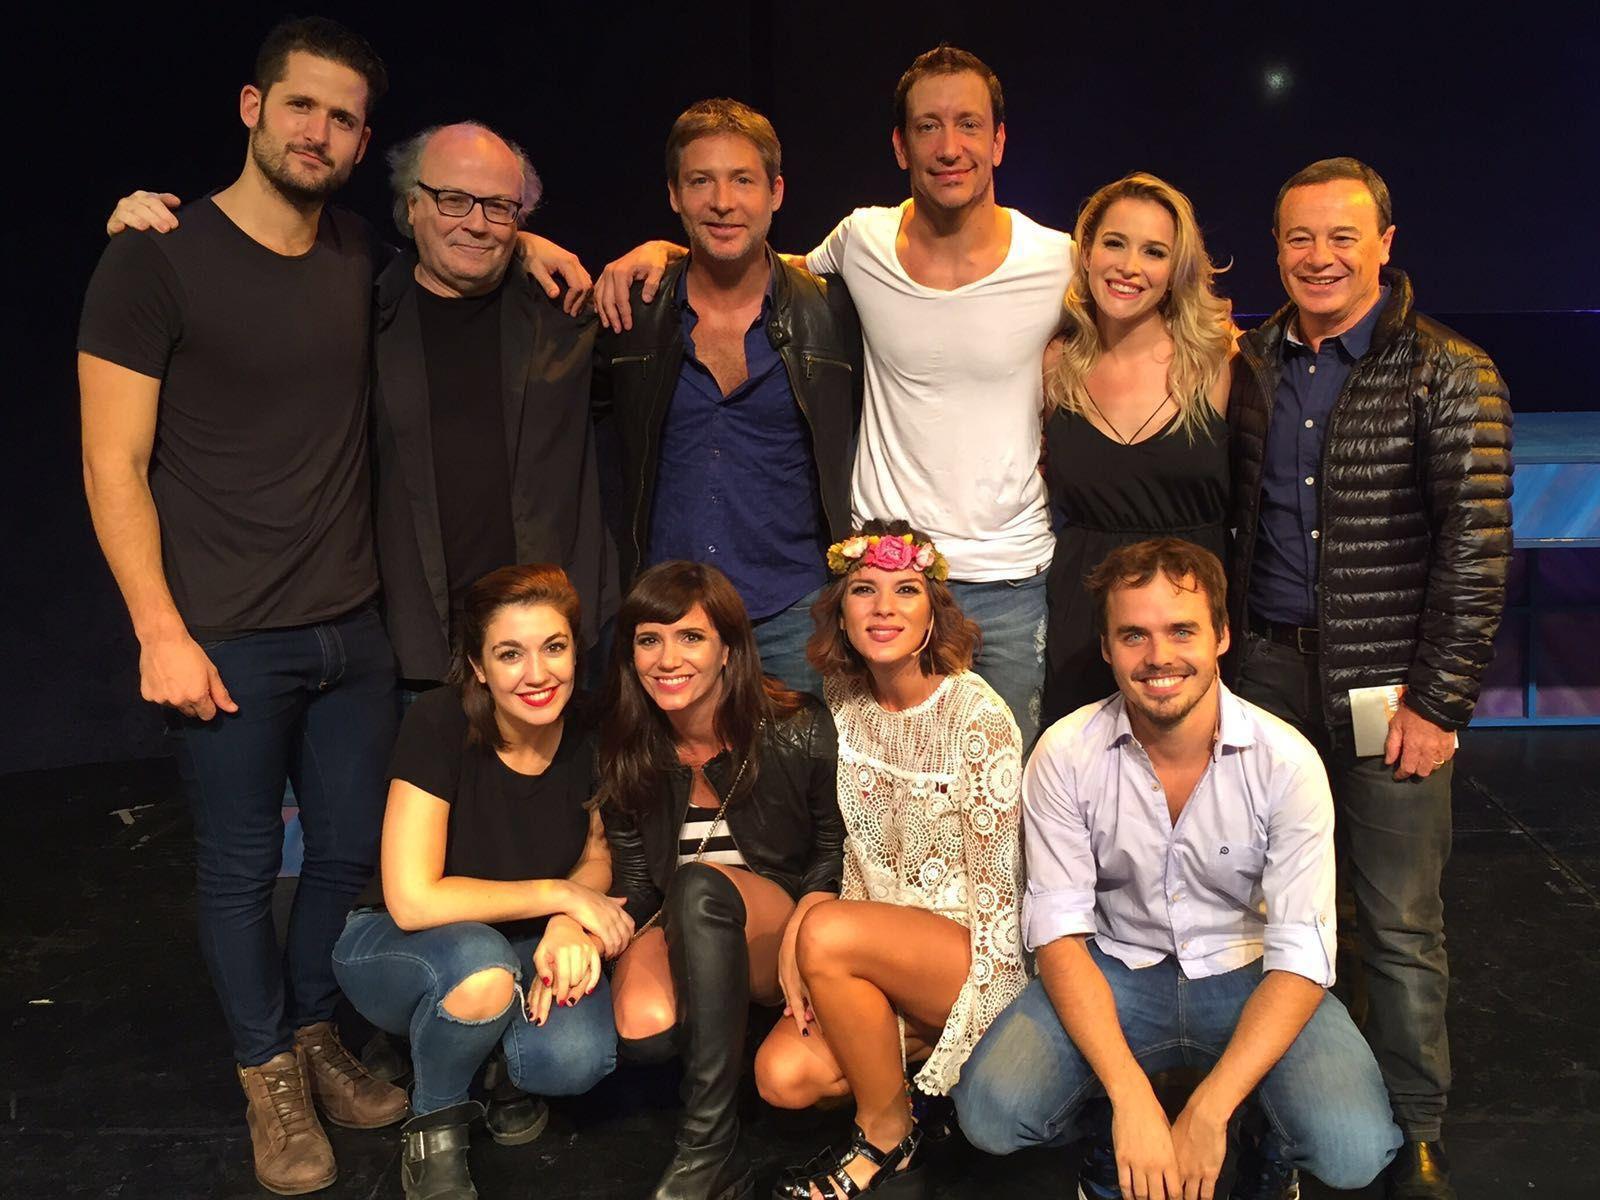 La divertida salida de Adrián Suar y Griselda Siciliani: noche de teatro y risas con amigos